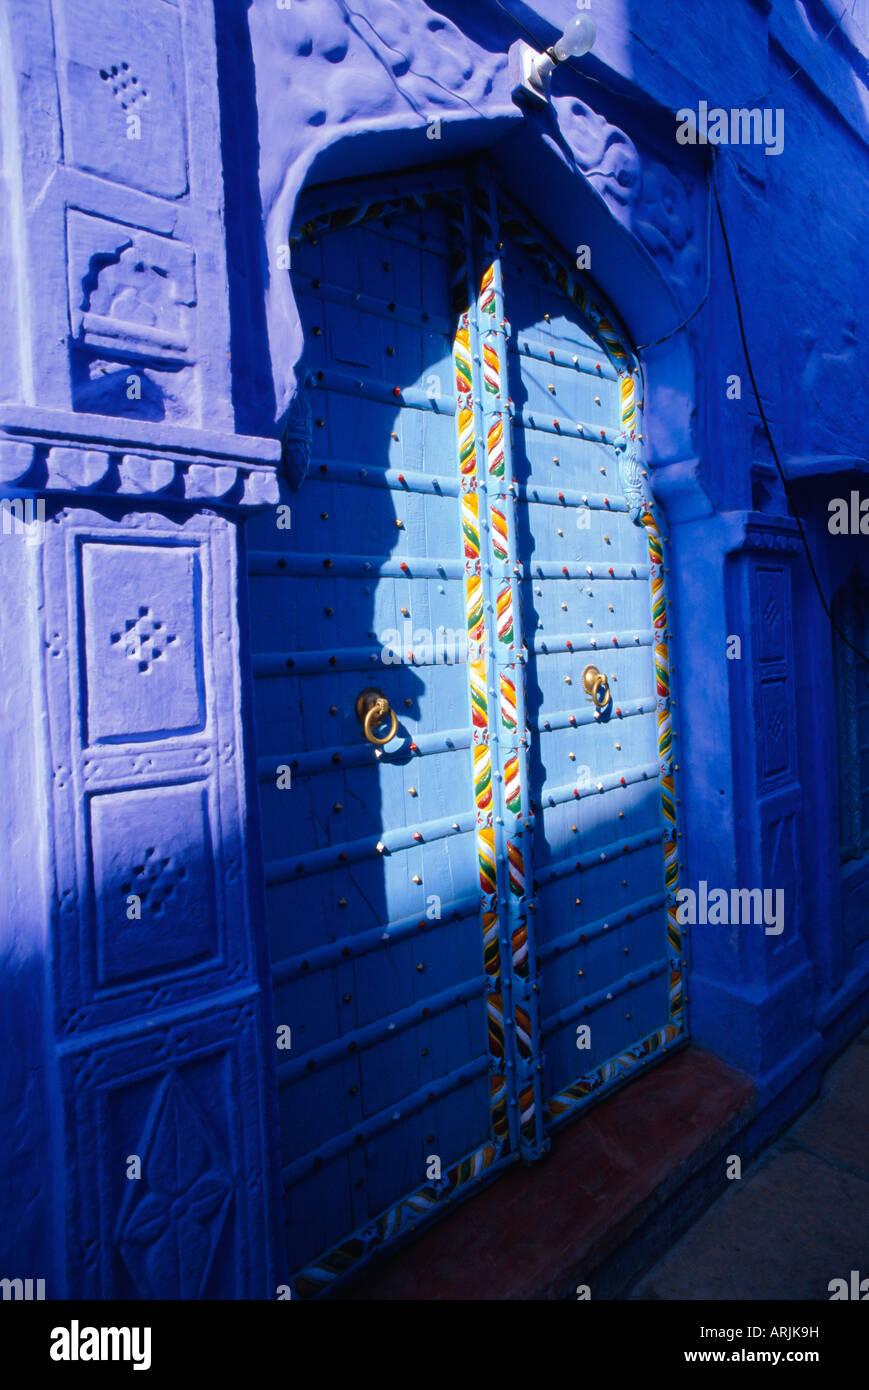 Elaborare il blue door, la città blu di Jodhpur, Rajasthan, India, Immagini Stock